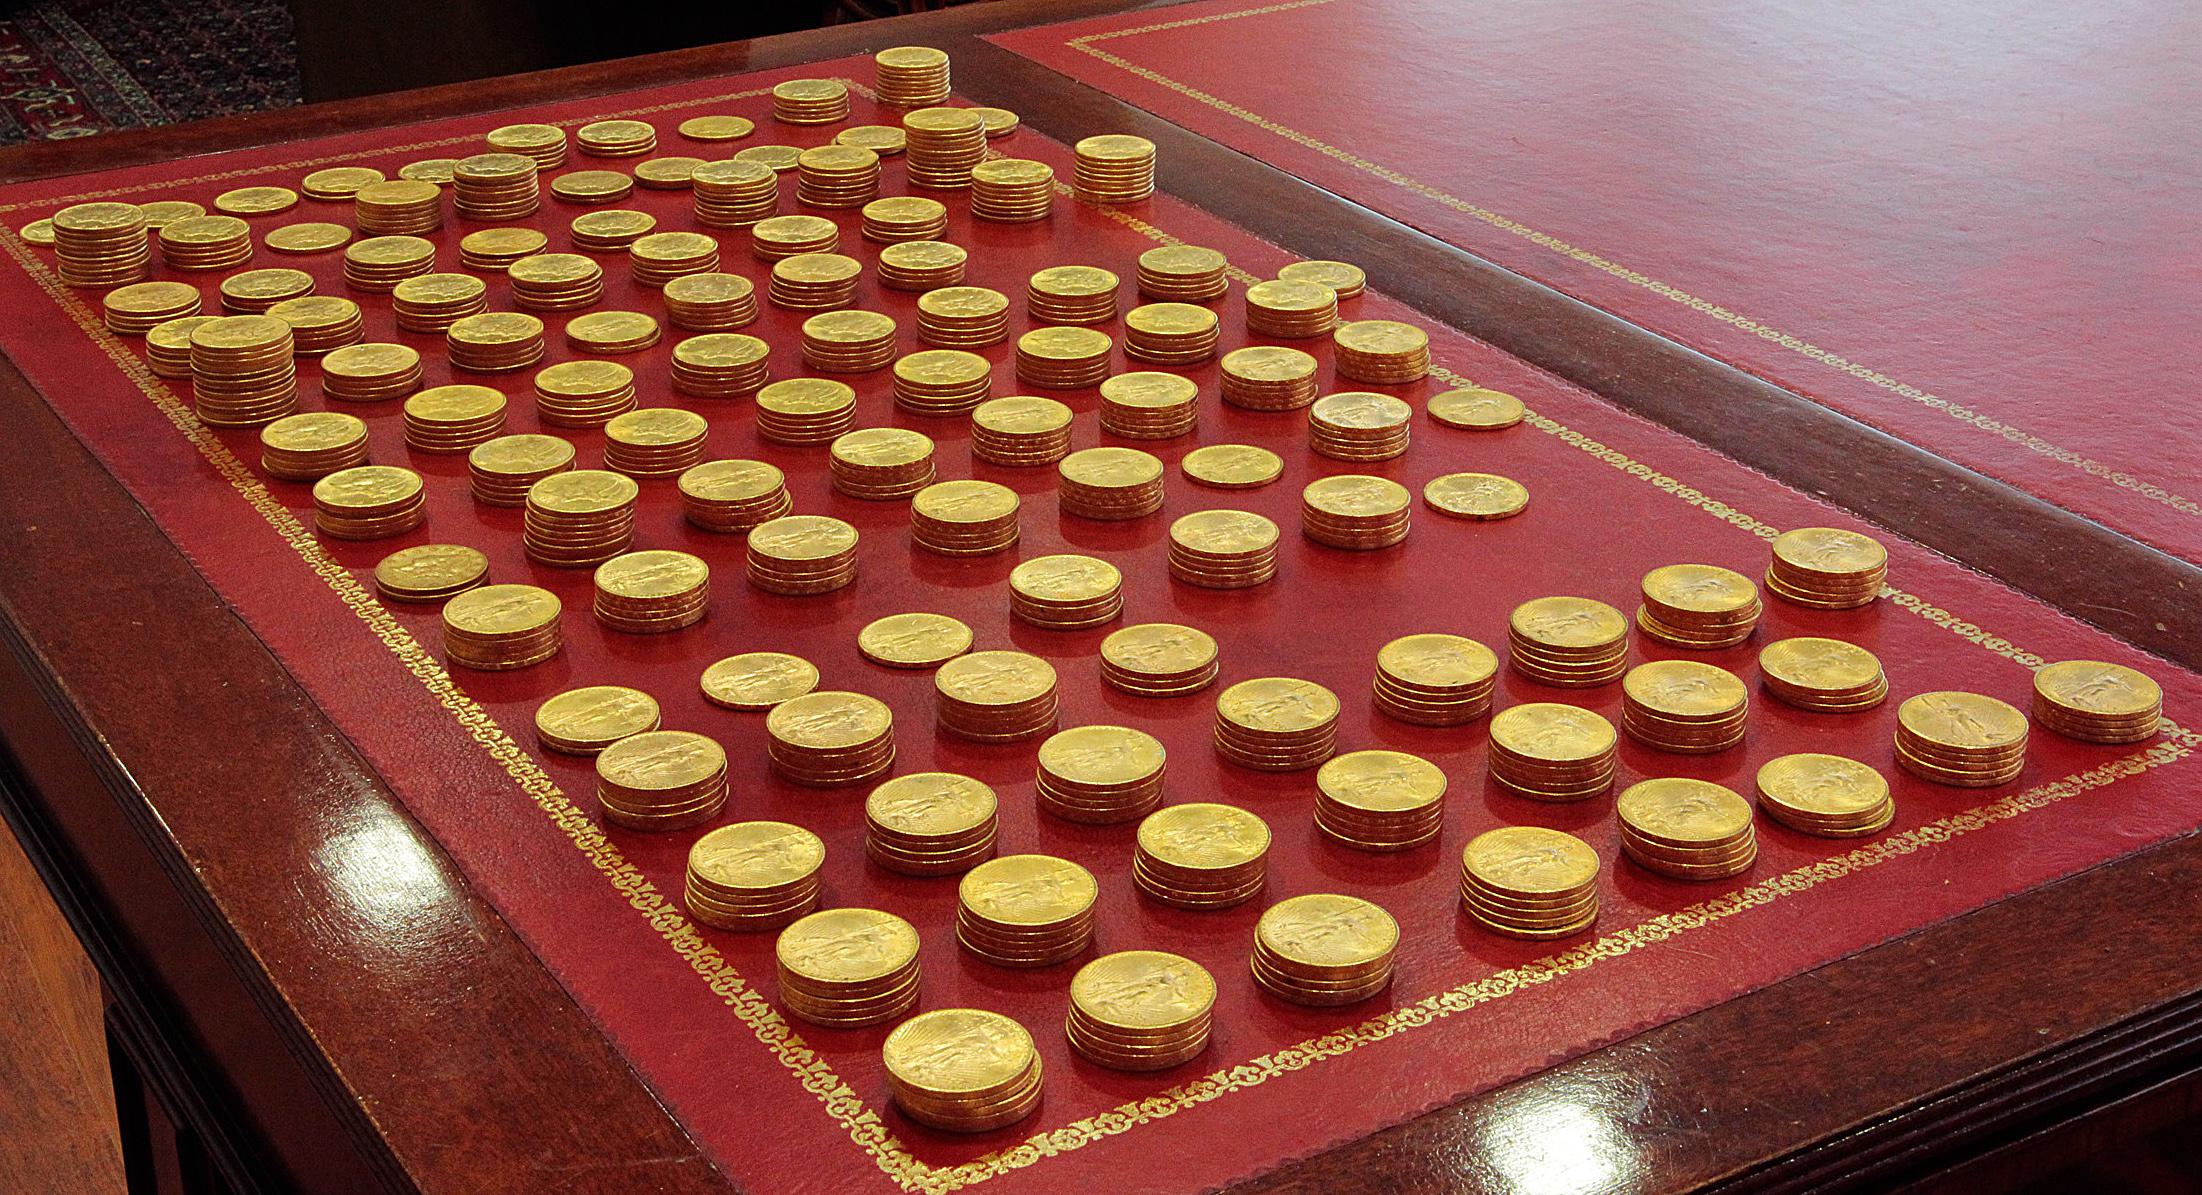 Egy zongorából került elő rengeteg arany, a brit hatóságok most próbálnak rájönni, hogy kié lehet